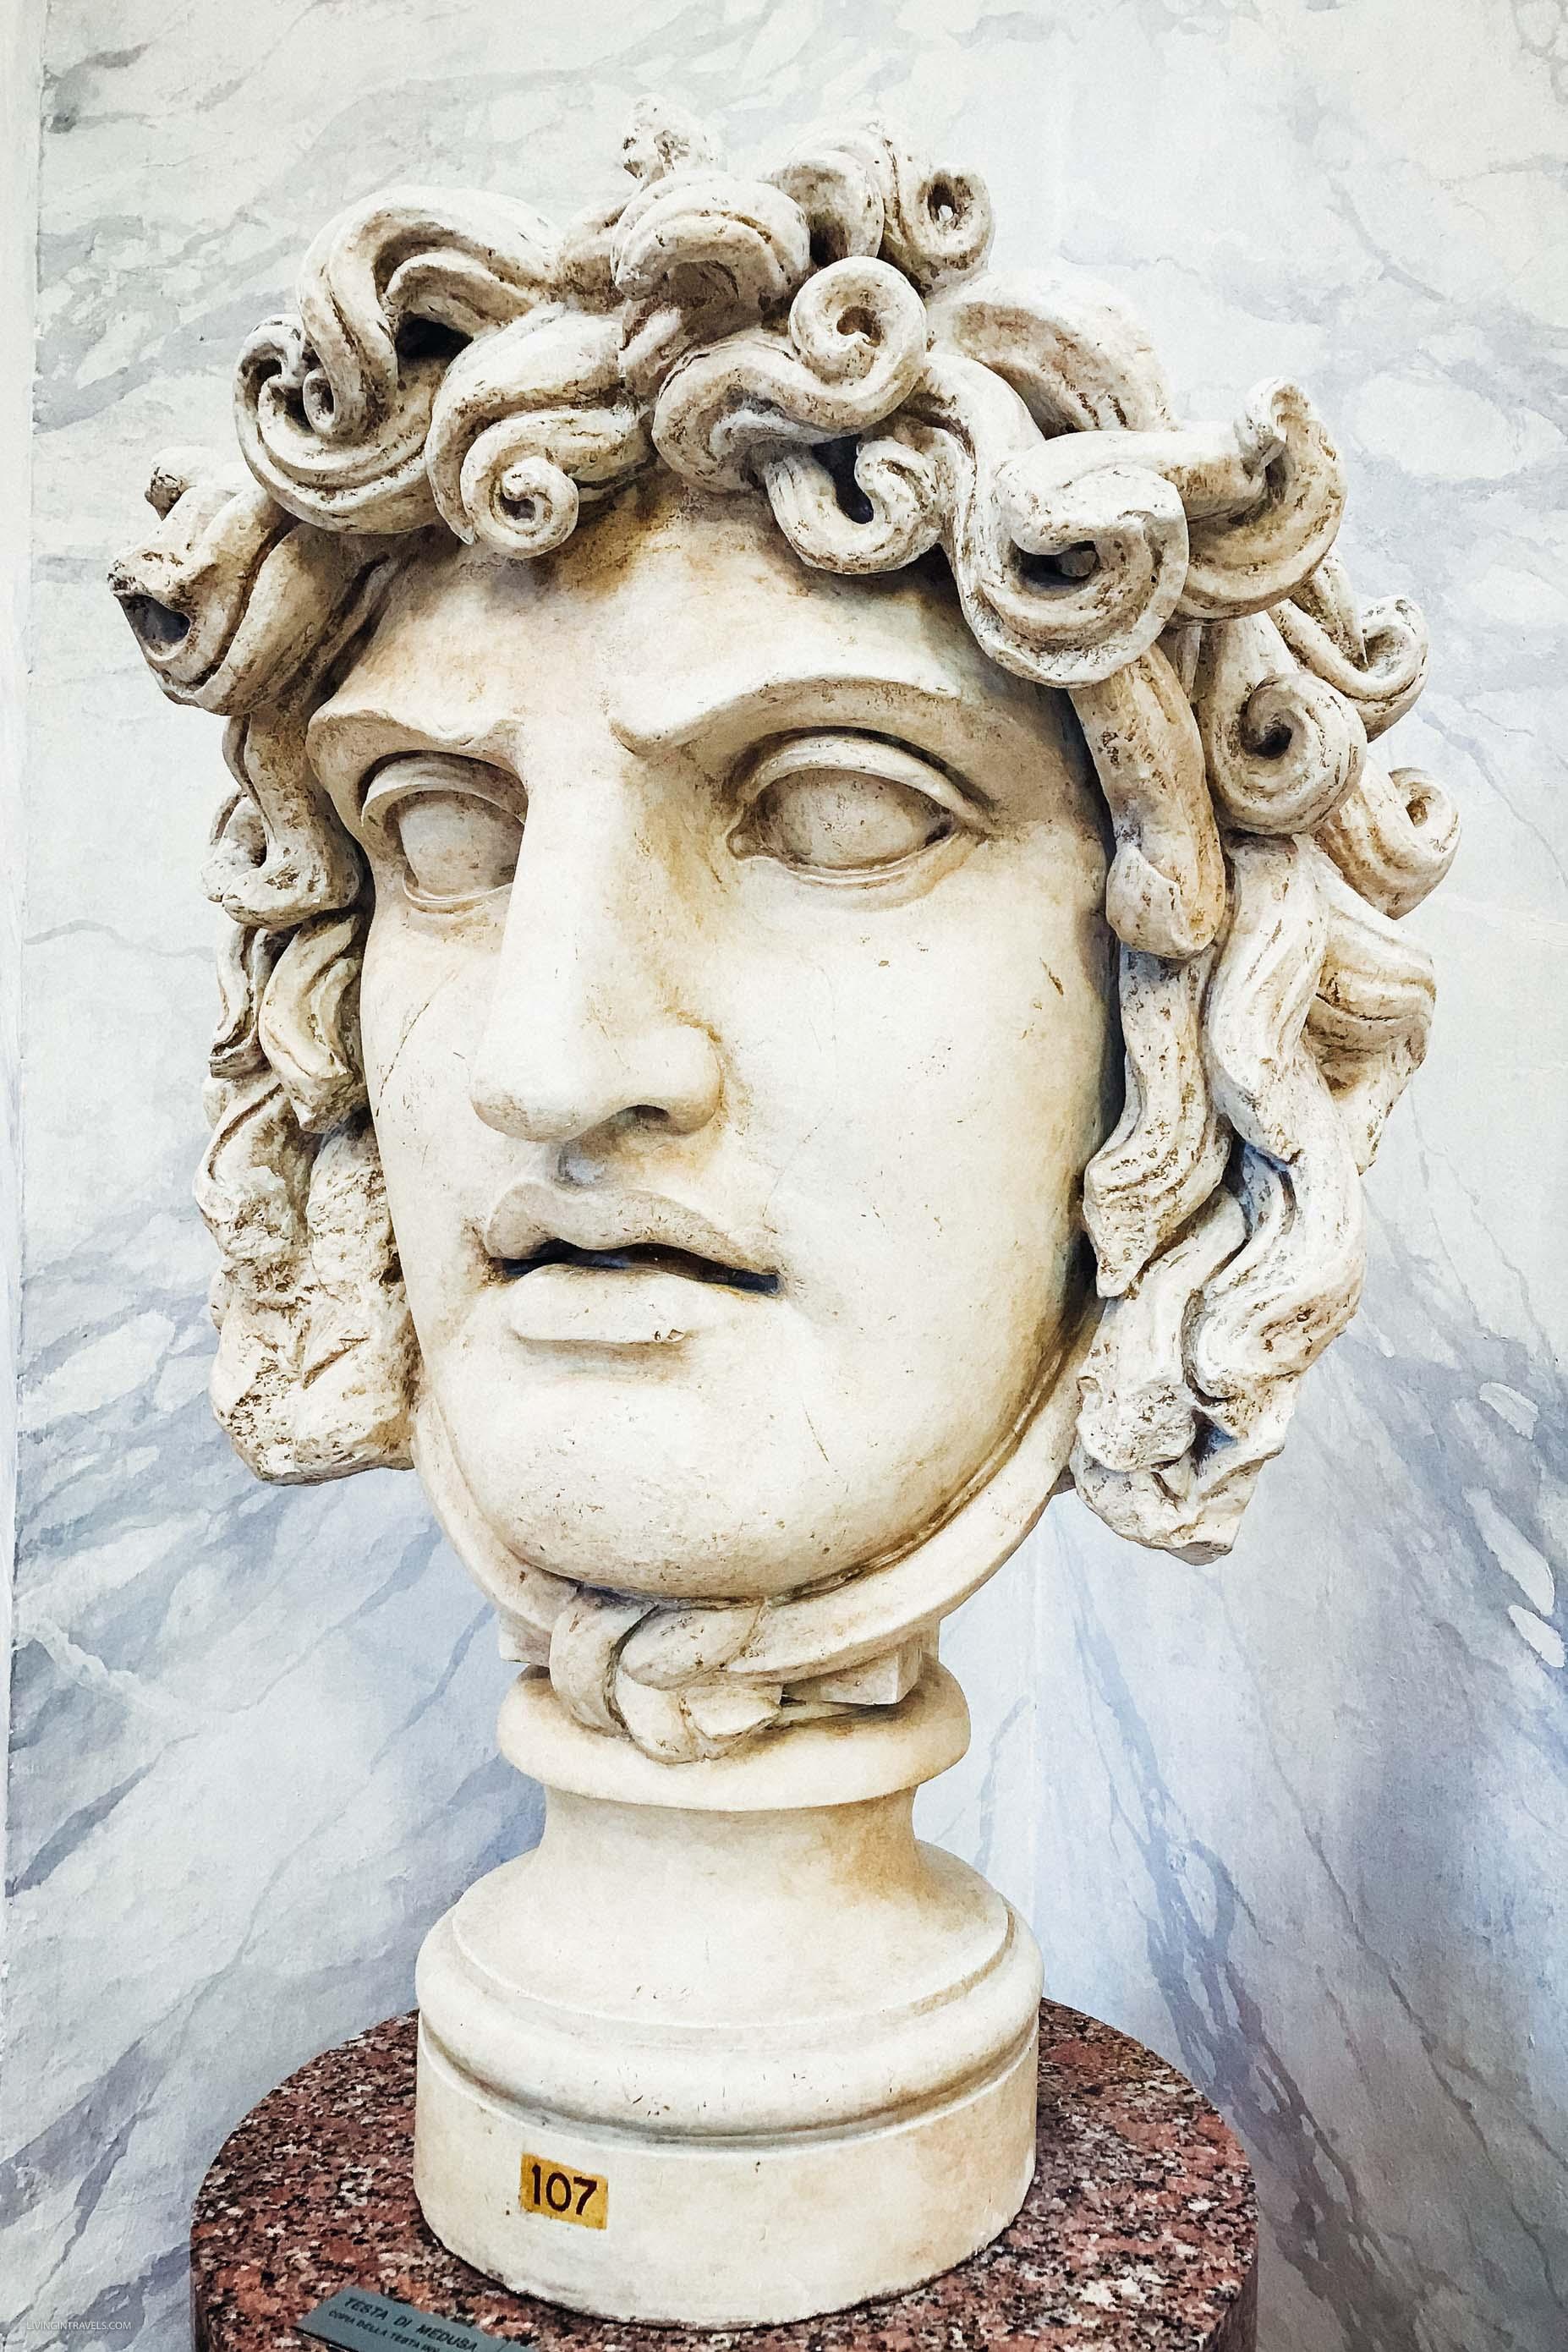 Музеи Ватикана. Рим для новичков или как увидеть город бесплатно (почти)